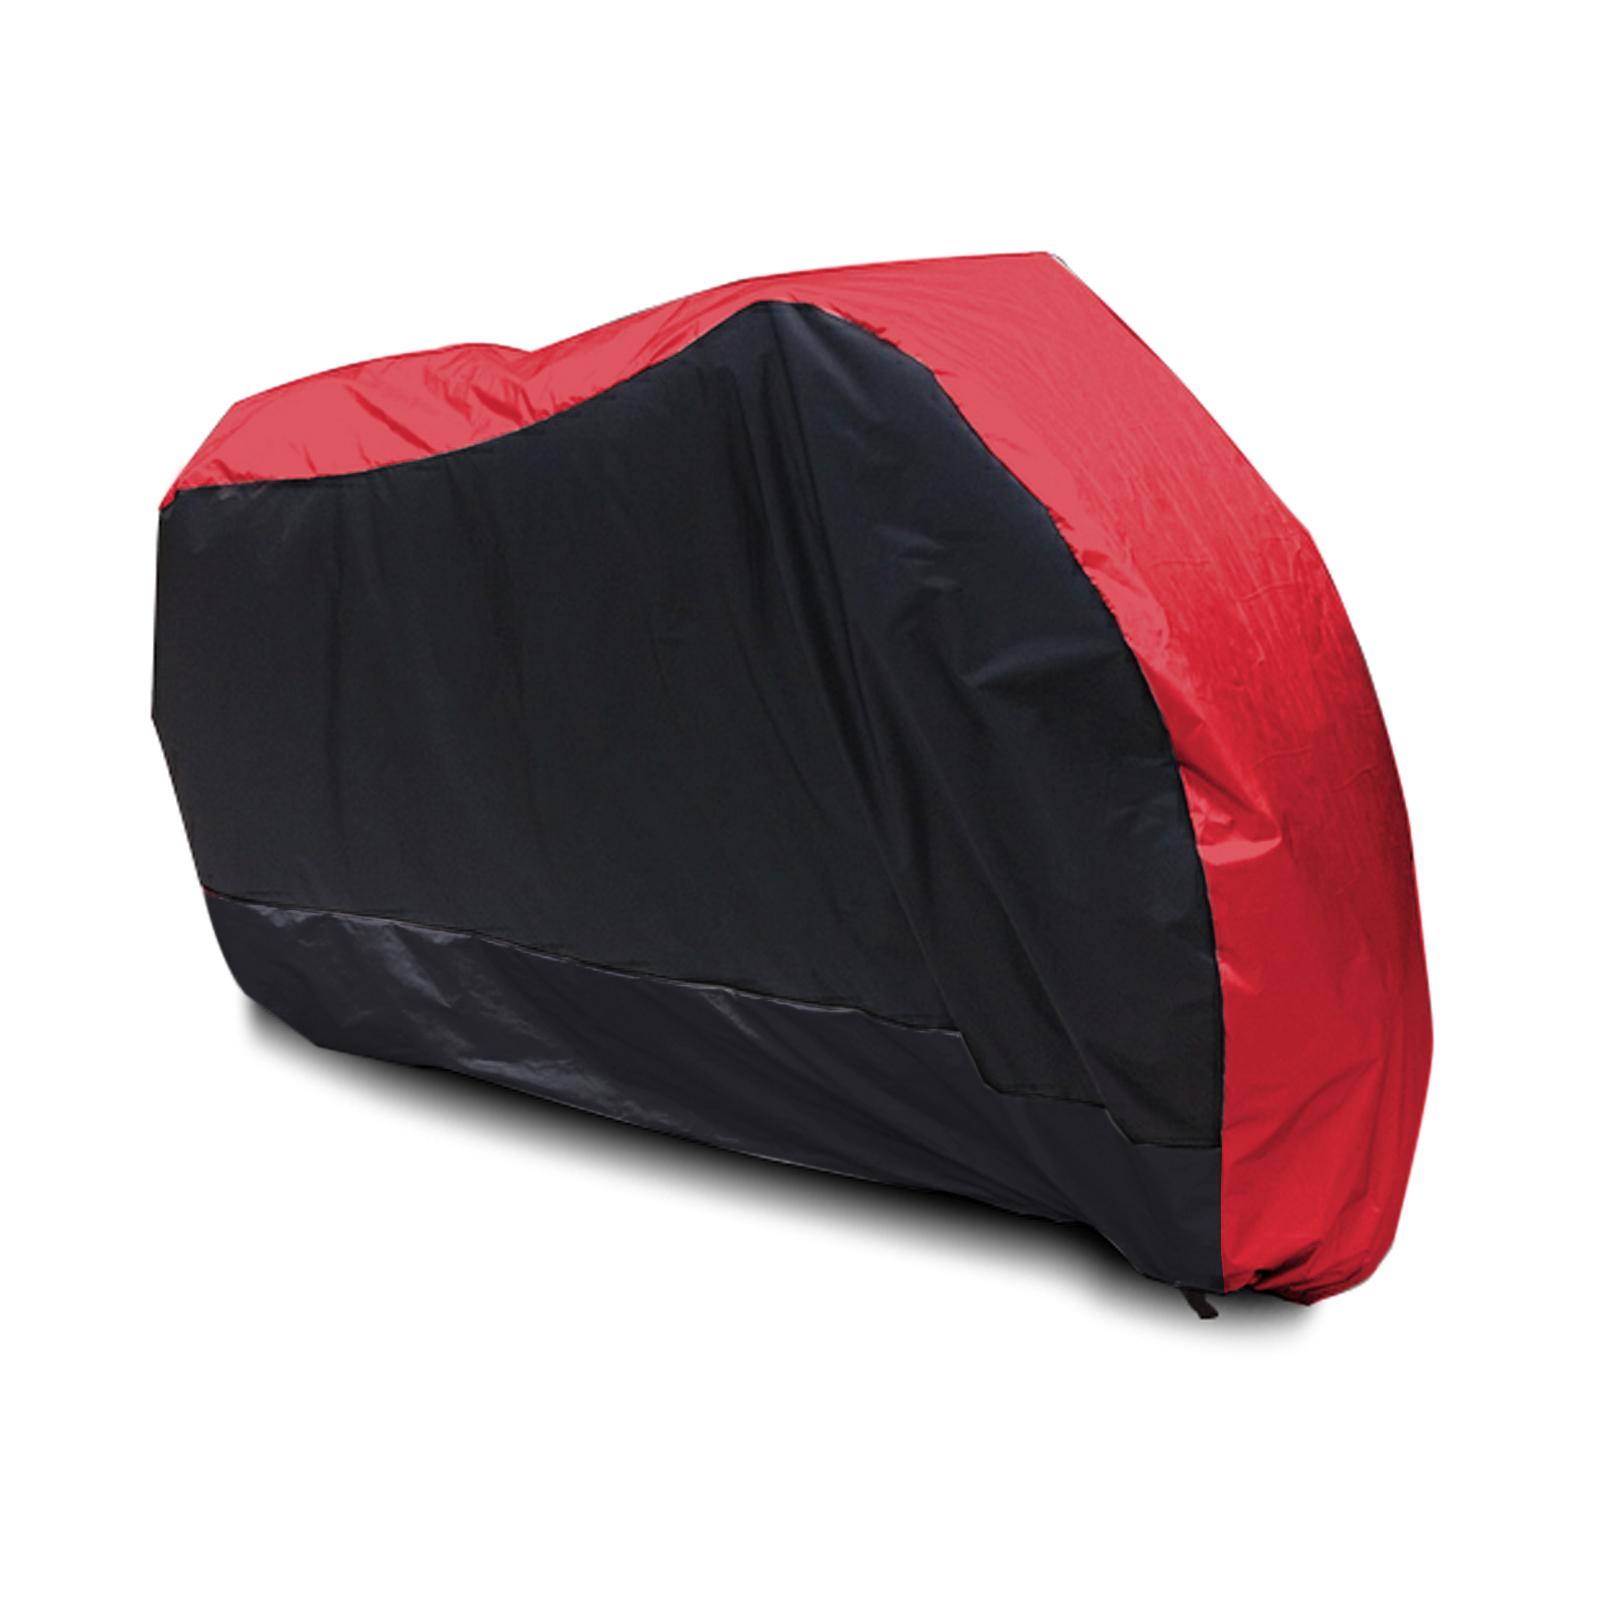 Housse bache moto rouge noir impermeable exterieur for Bache moto exterieur